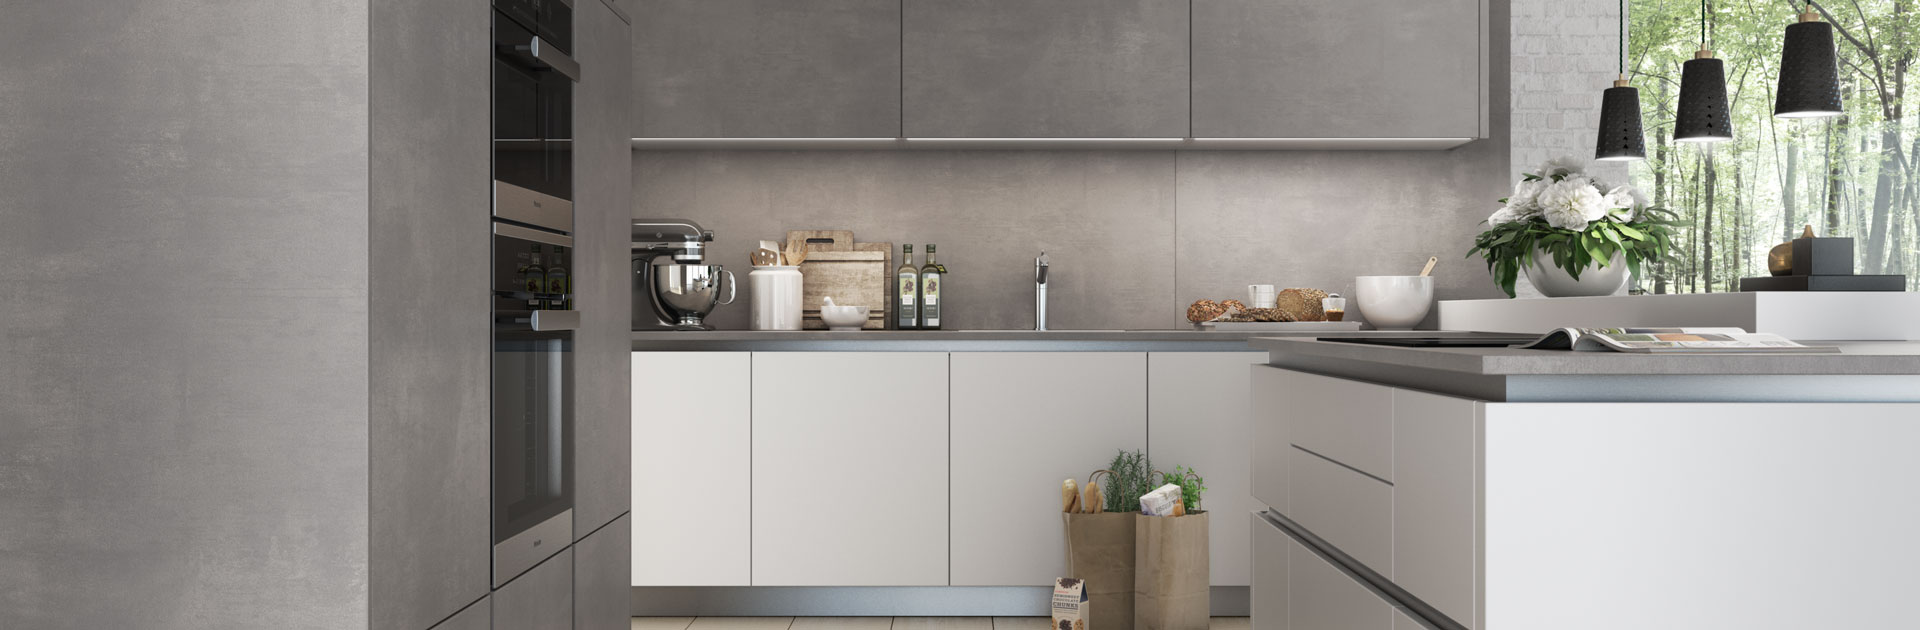 Witte betonlook keuken | Eigenhuis Keukens